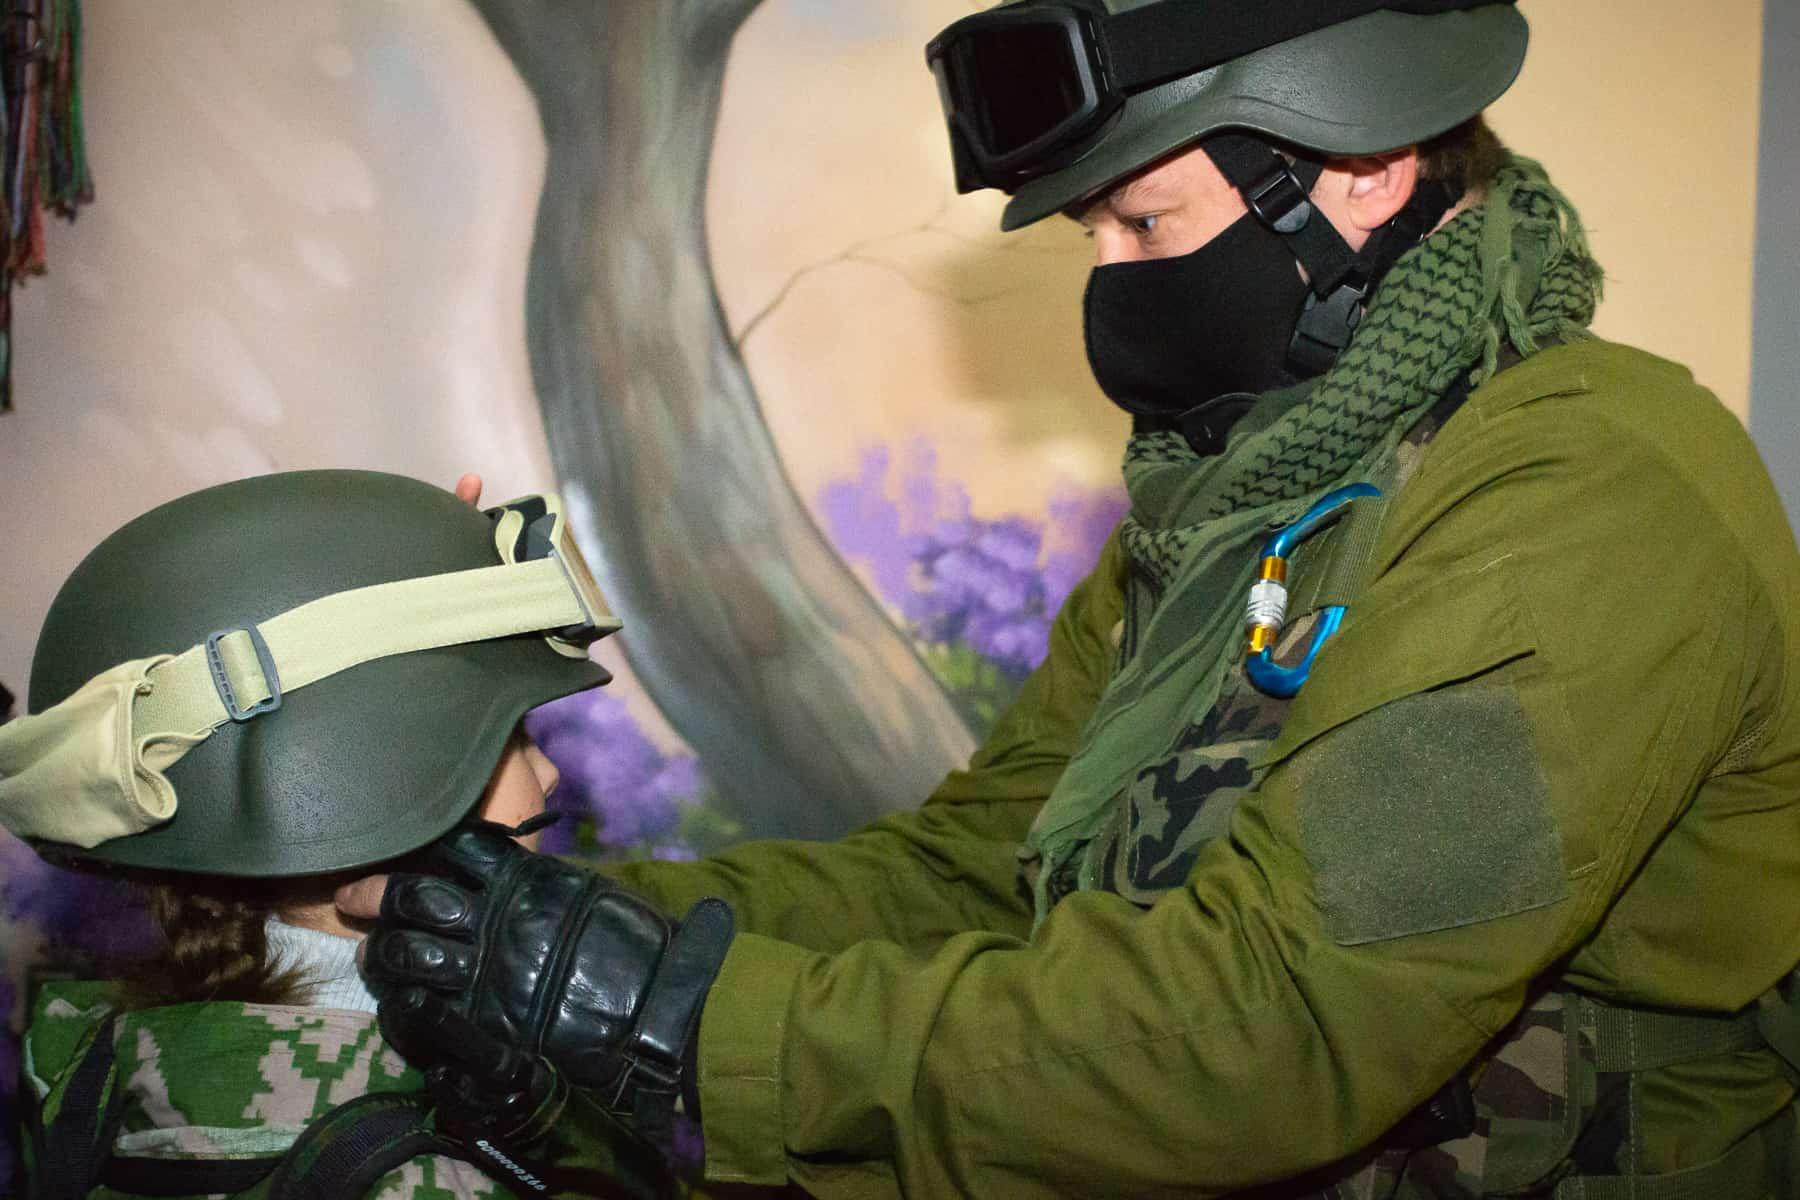 ребёнка одевают в военную форму на фотозоне